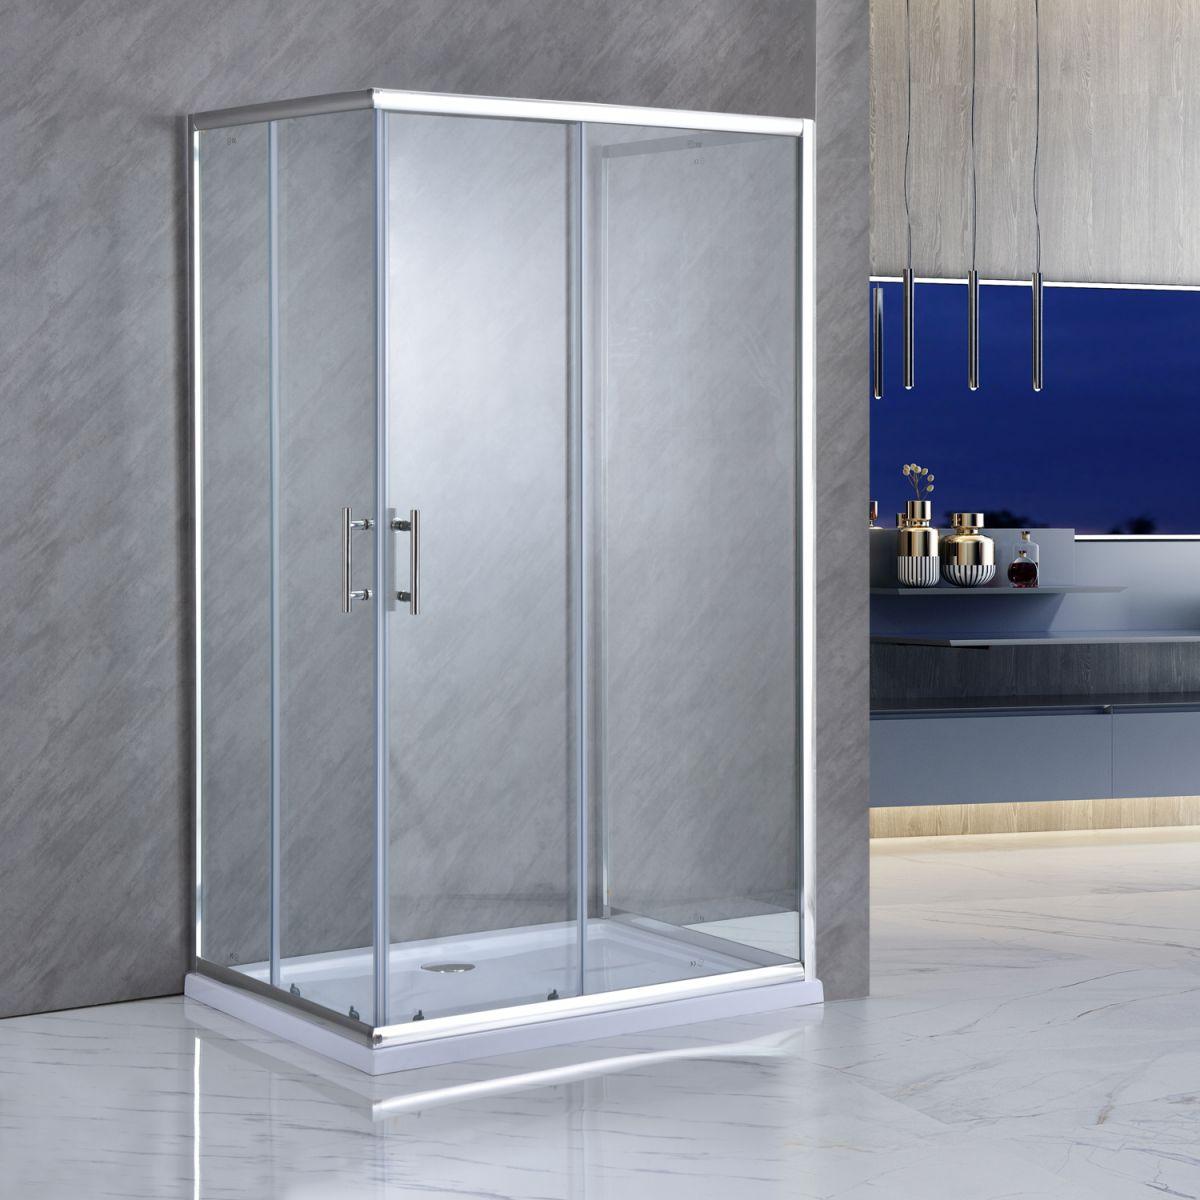 """SE 119 1 Box doccia tre lati """"Saturno"""" 70x100x70 cm scorrevole cristallo trasparente 6 mm"""